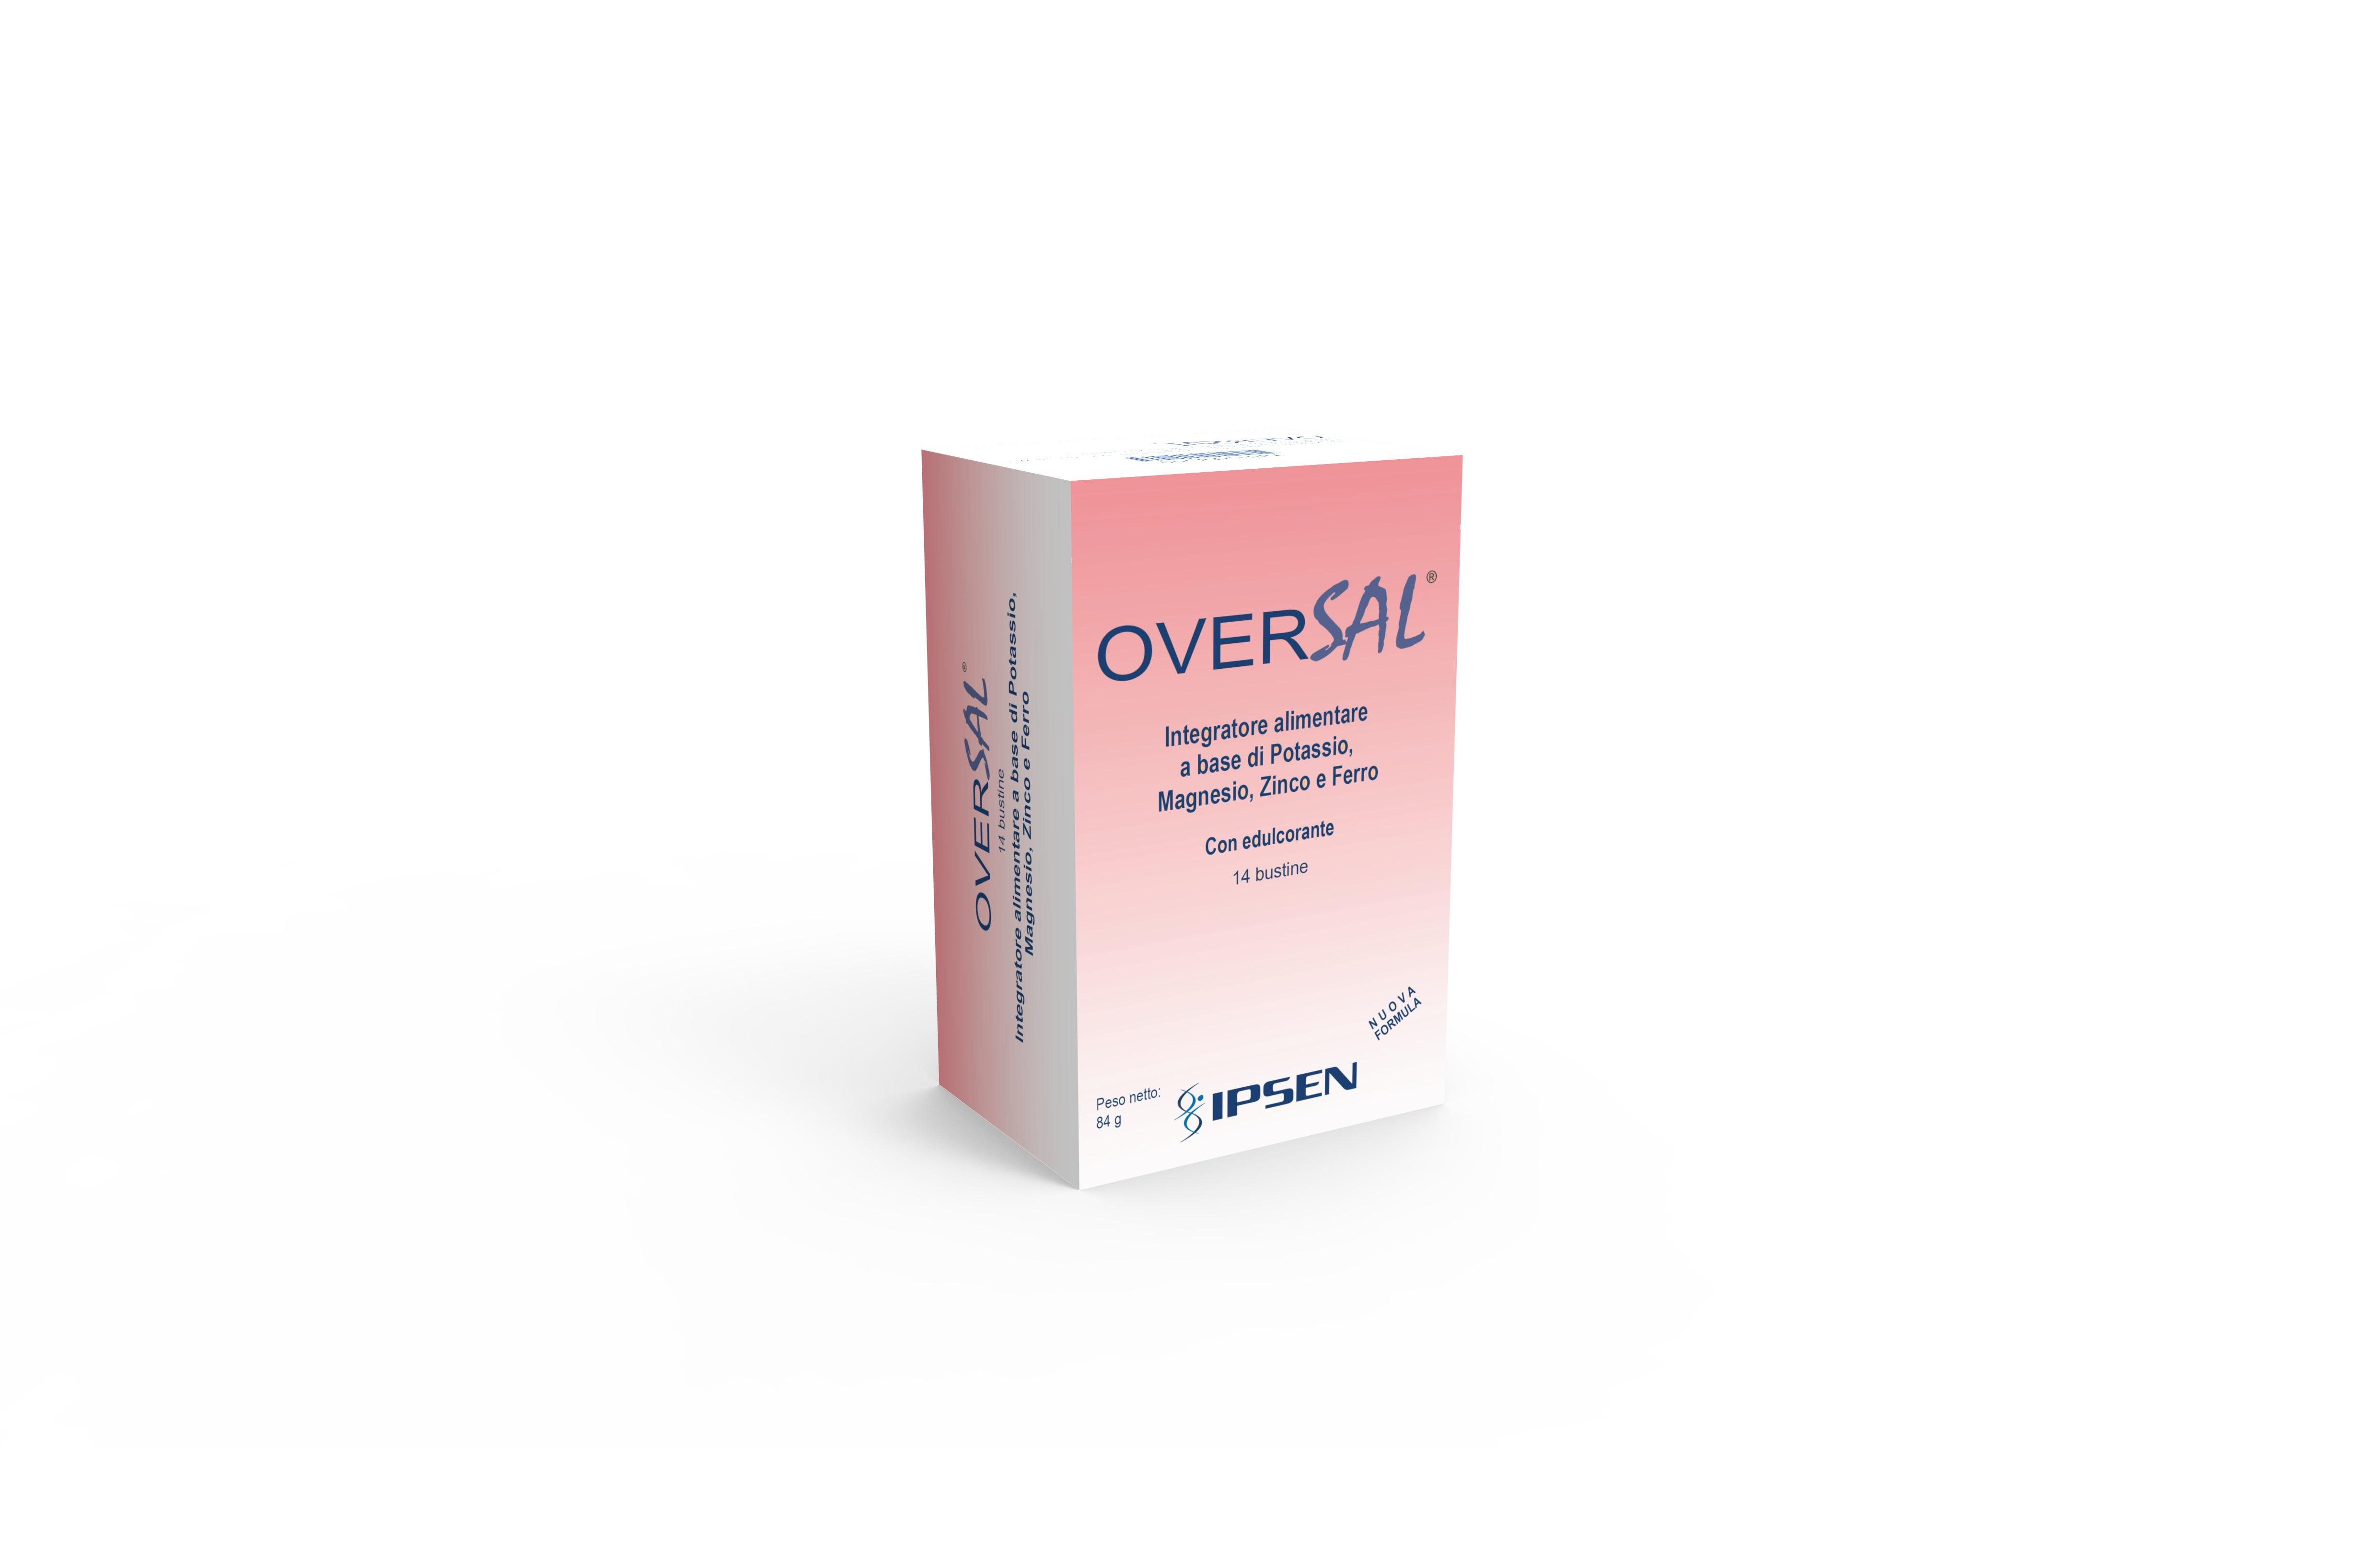 OVERSAL